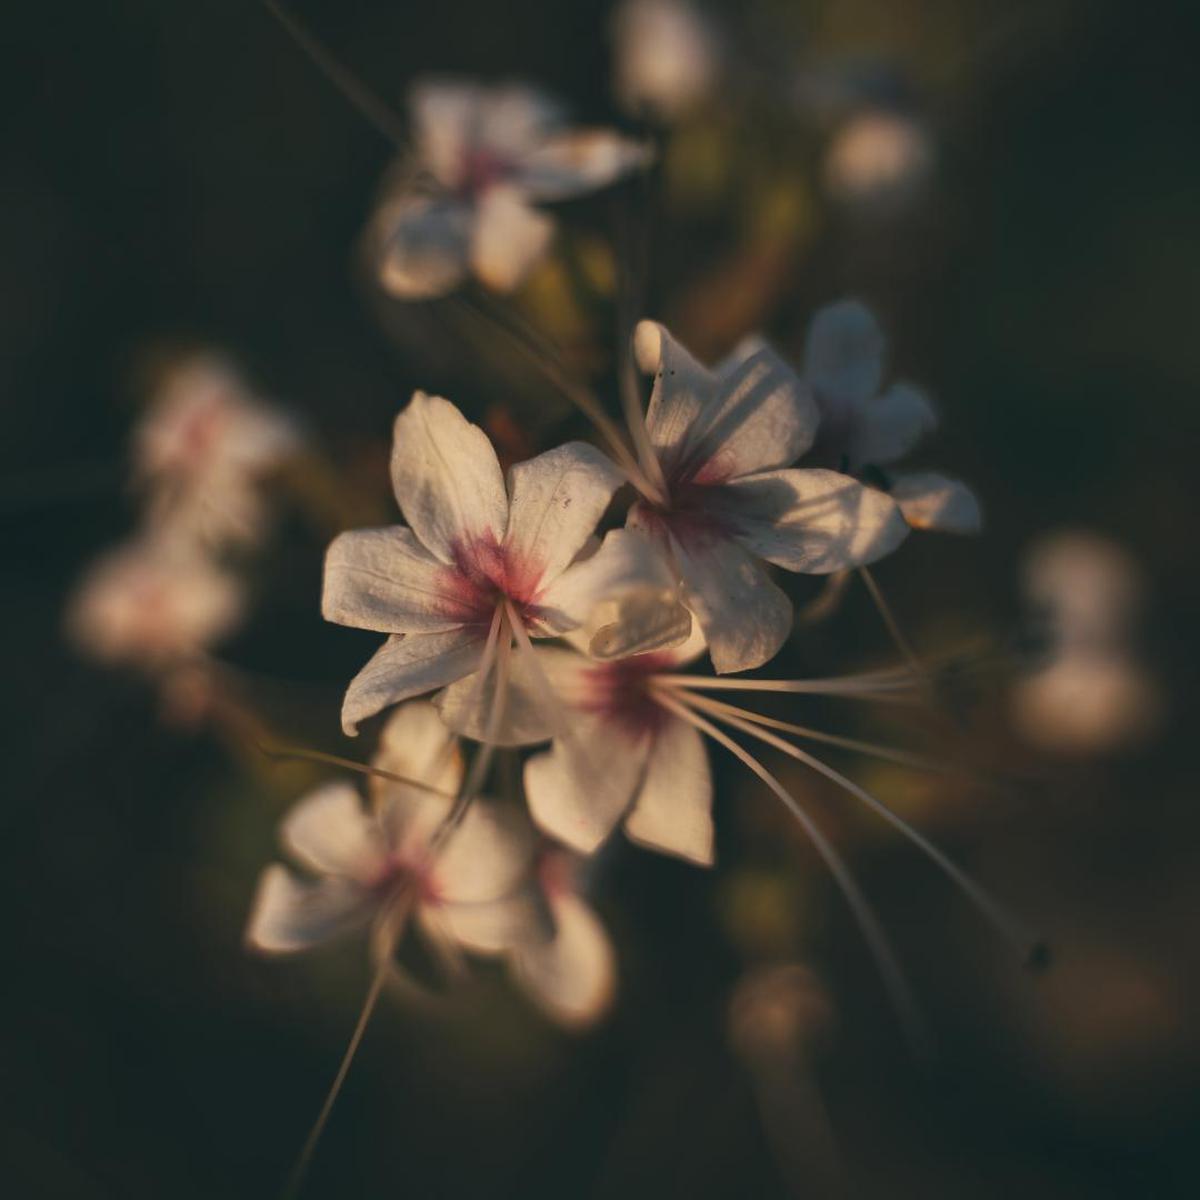 Image of Flower, Plant, Pink, Petal, Spring etc.